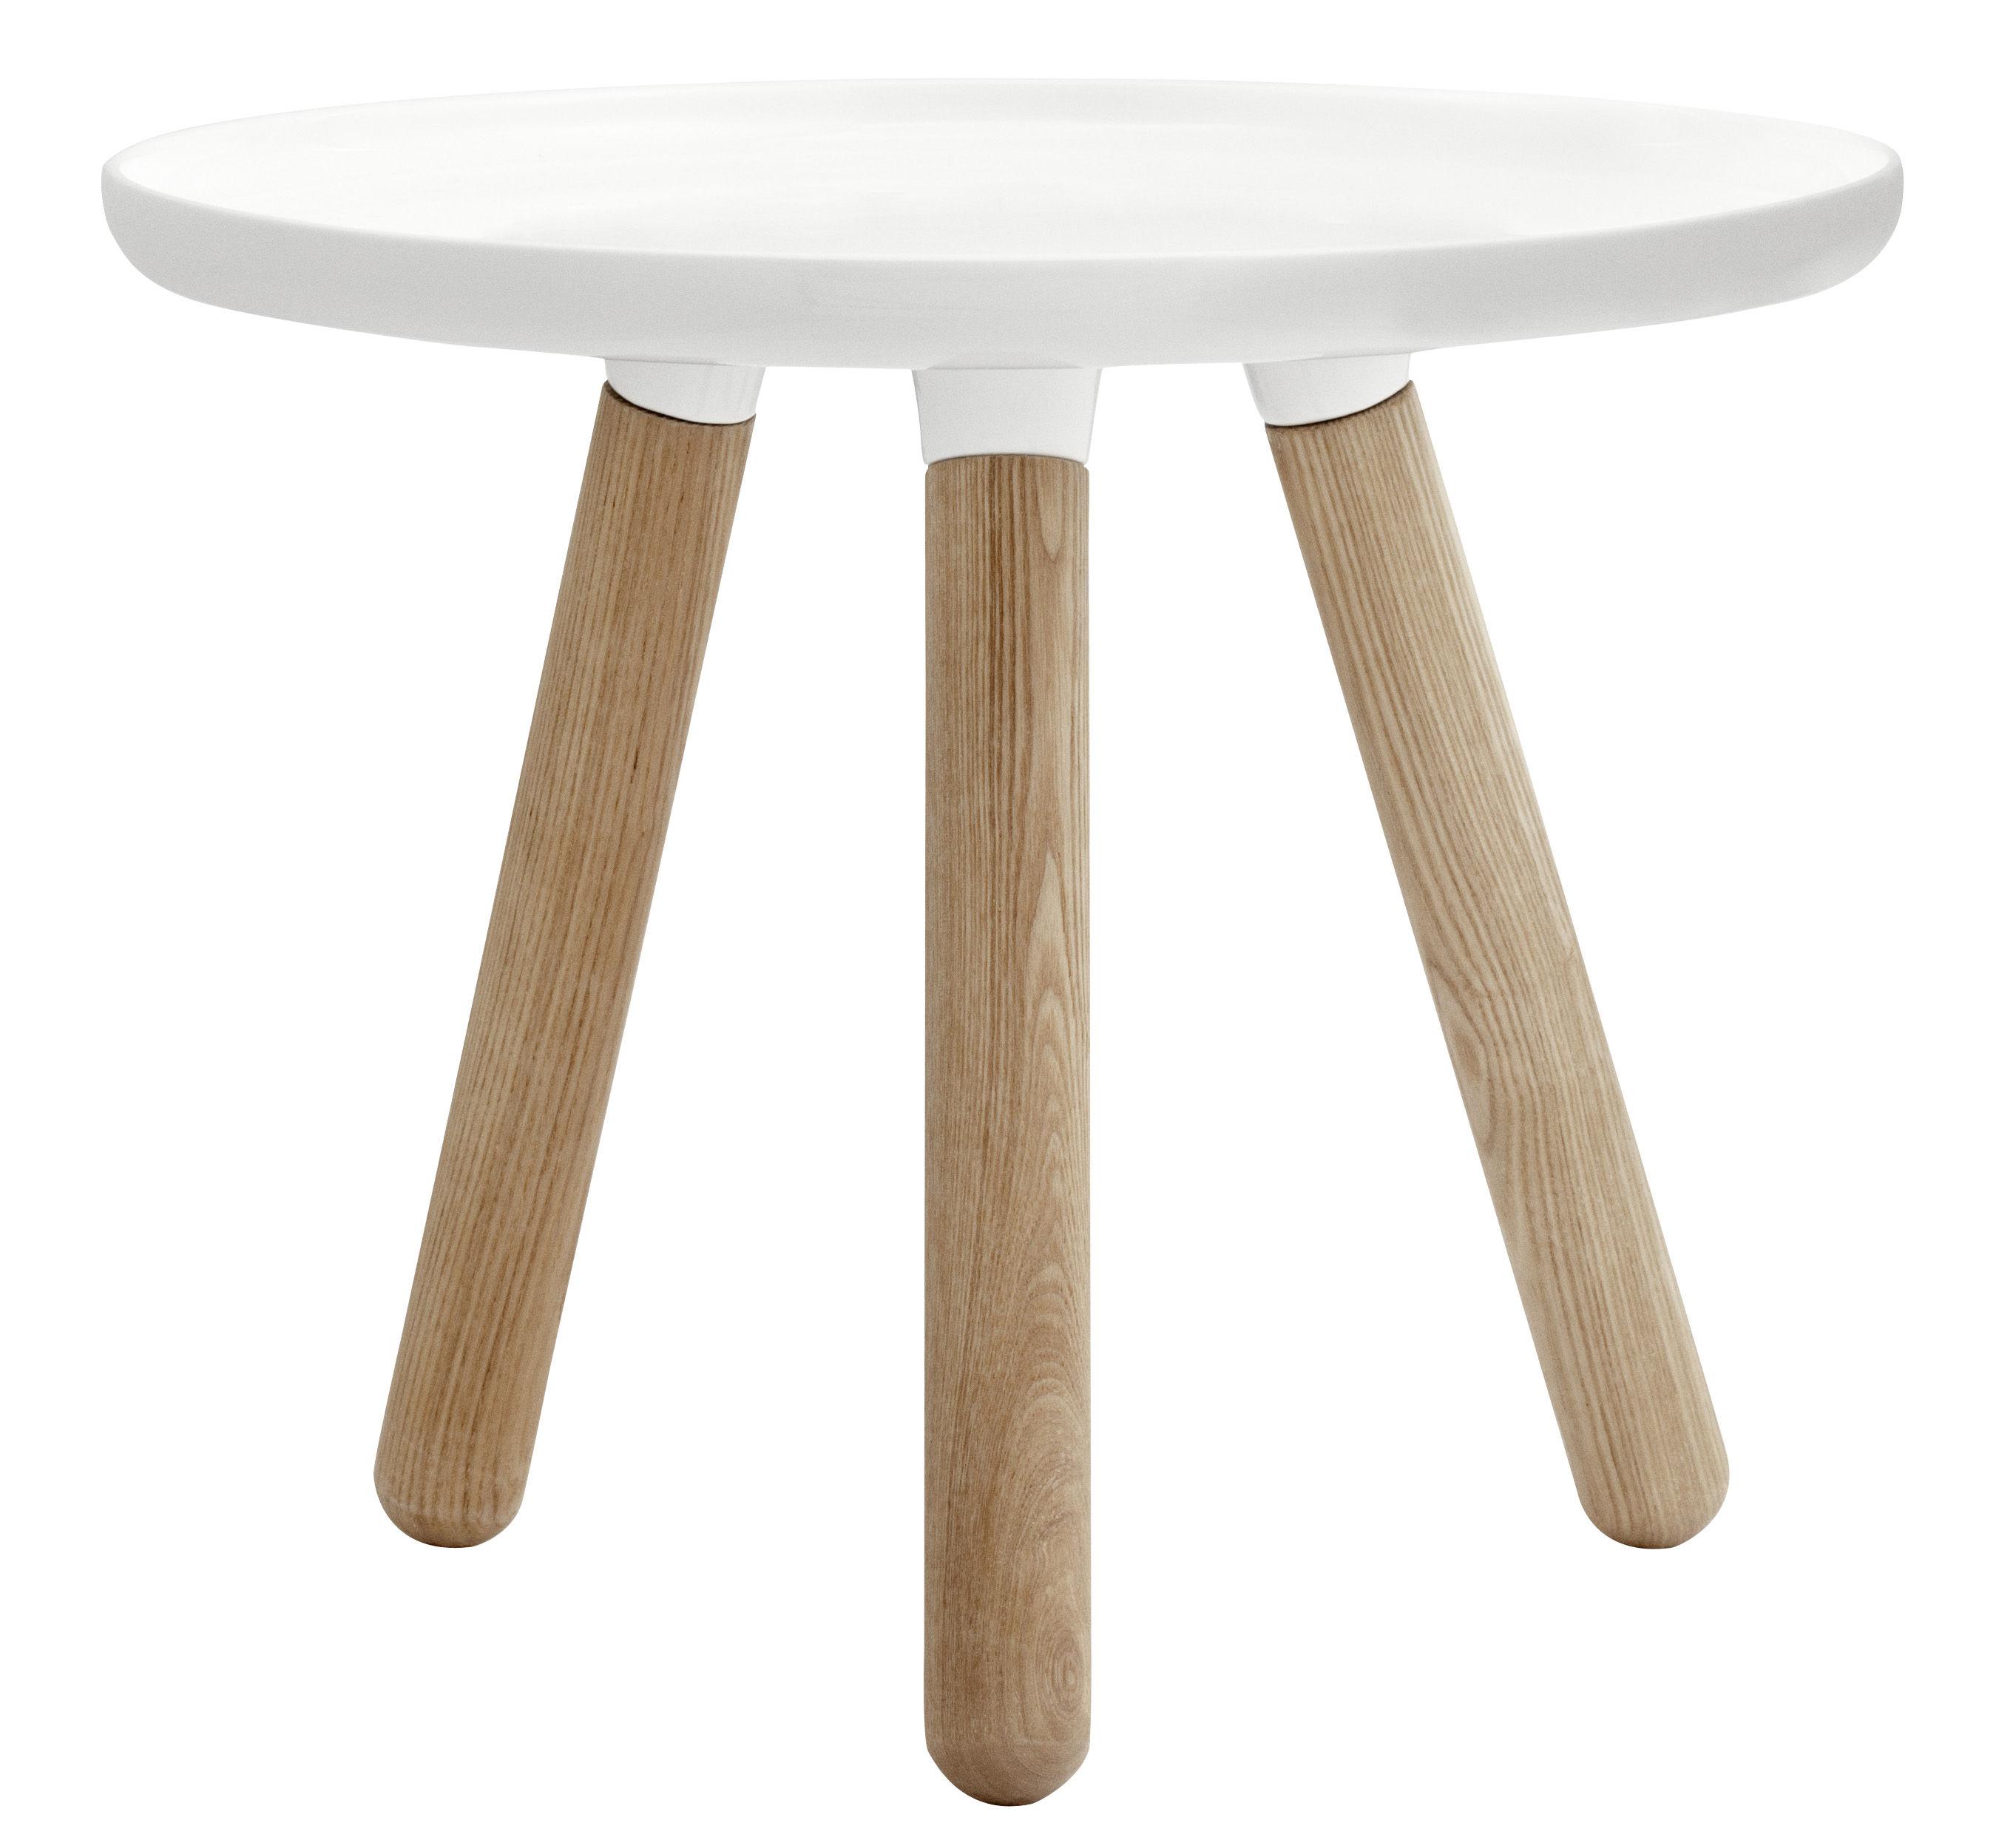 Arredamento - Tavolini  - Tavolino Tablo Small - Ø 50 cm di Normann Copenhagen - Bianco - Frassino naturale, Materiale composito